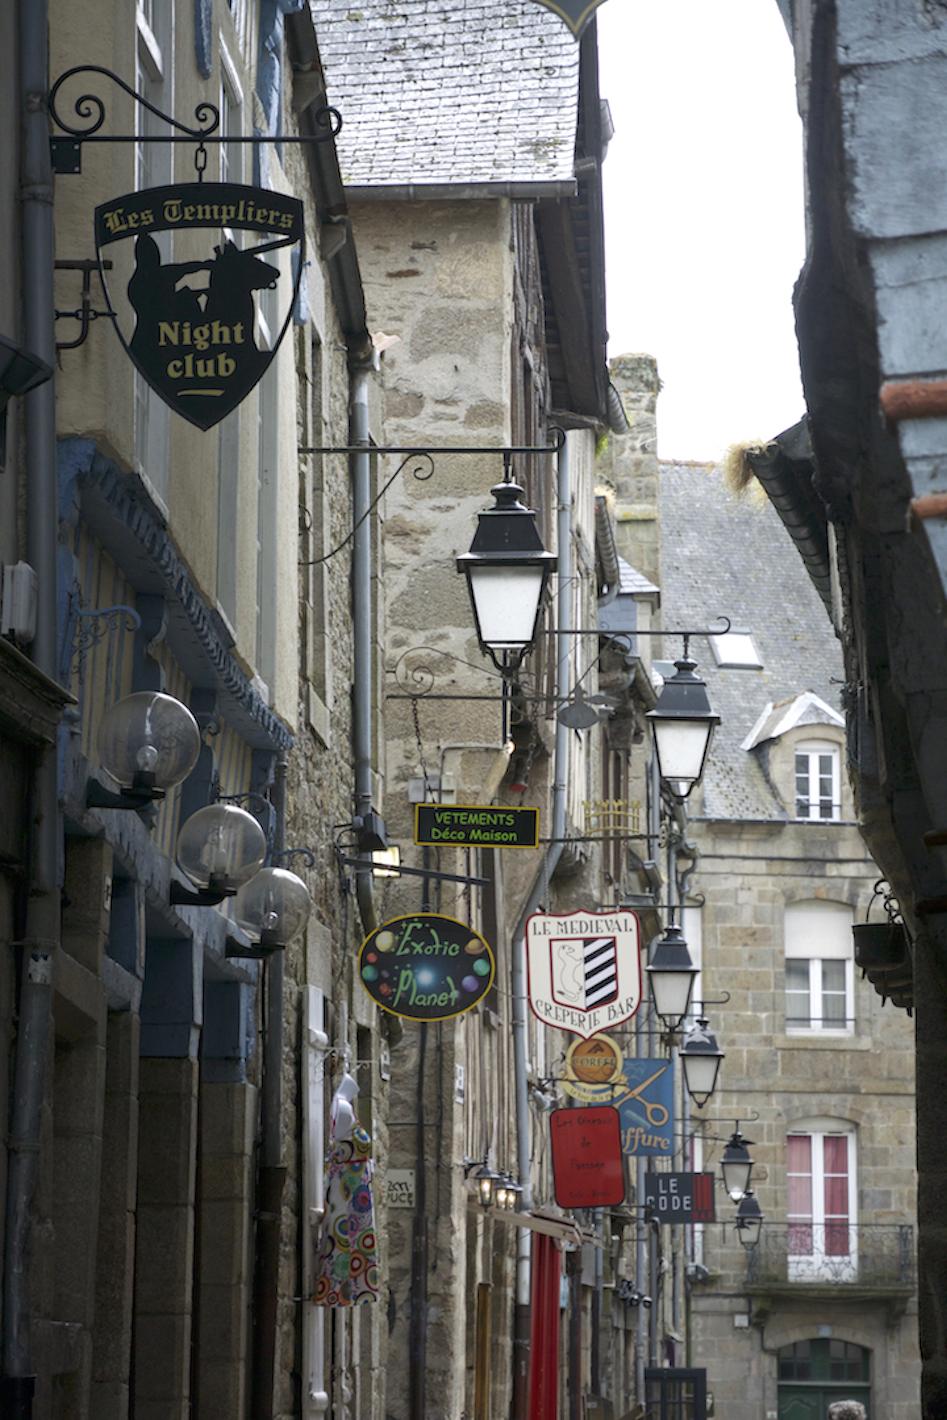 Rue De La Deco file:rue de la cordonnerie-1006 - wikimedia commons